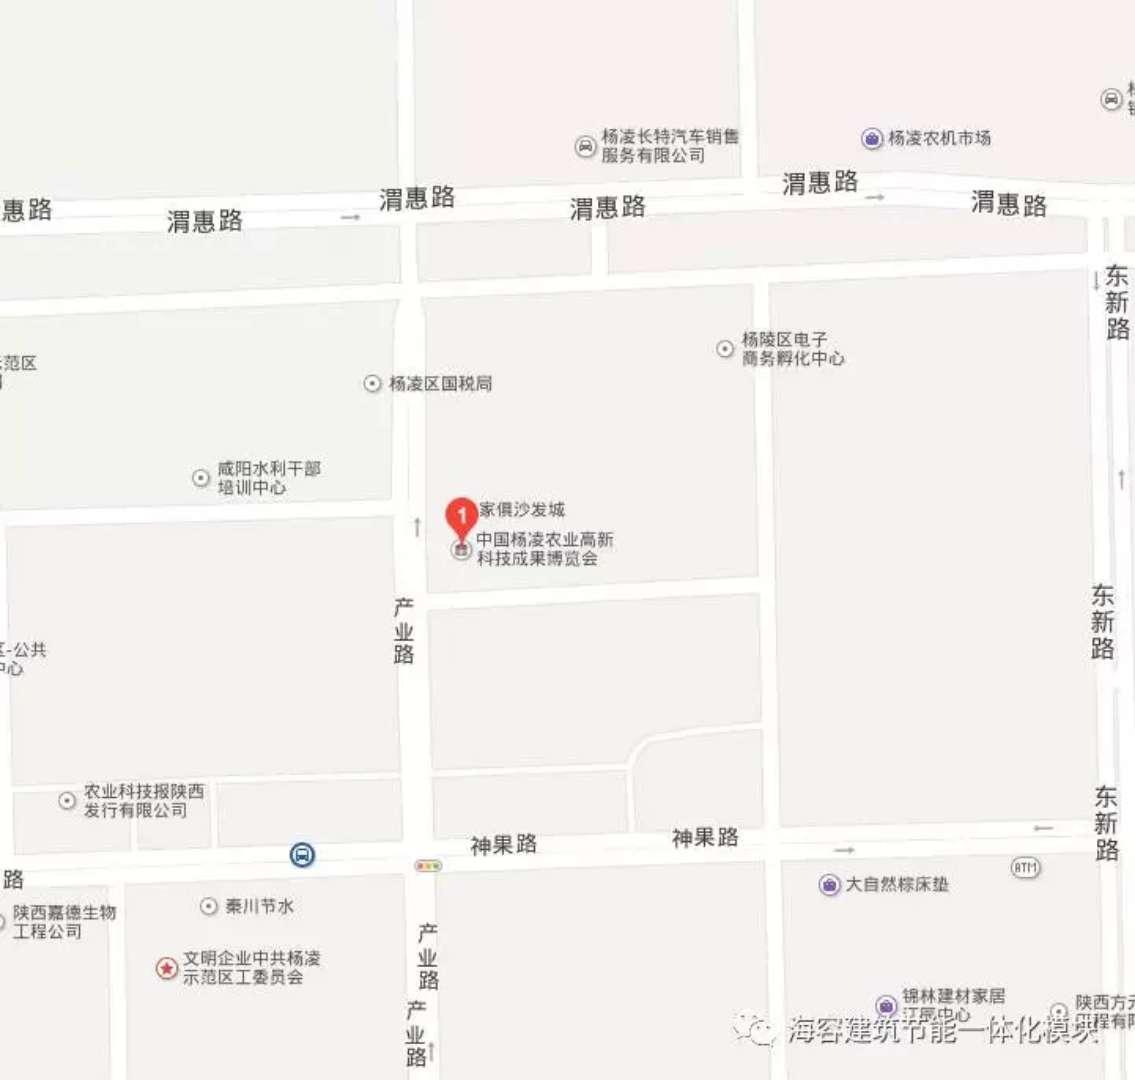 11月5日-9日,海容模塊重磅亮相中國楊凌農業高新科技成果博覽會!|企業新聞-東營海容新材料有限公司